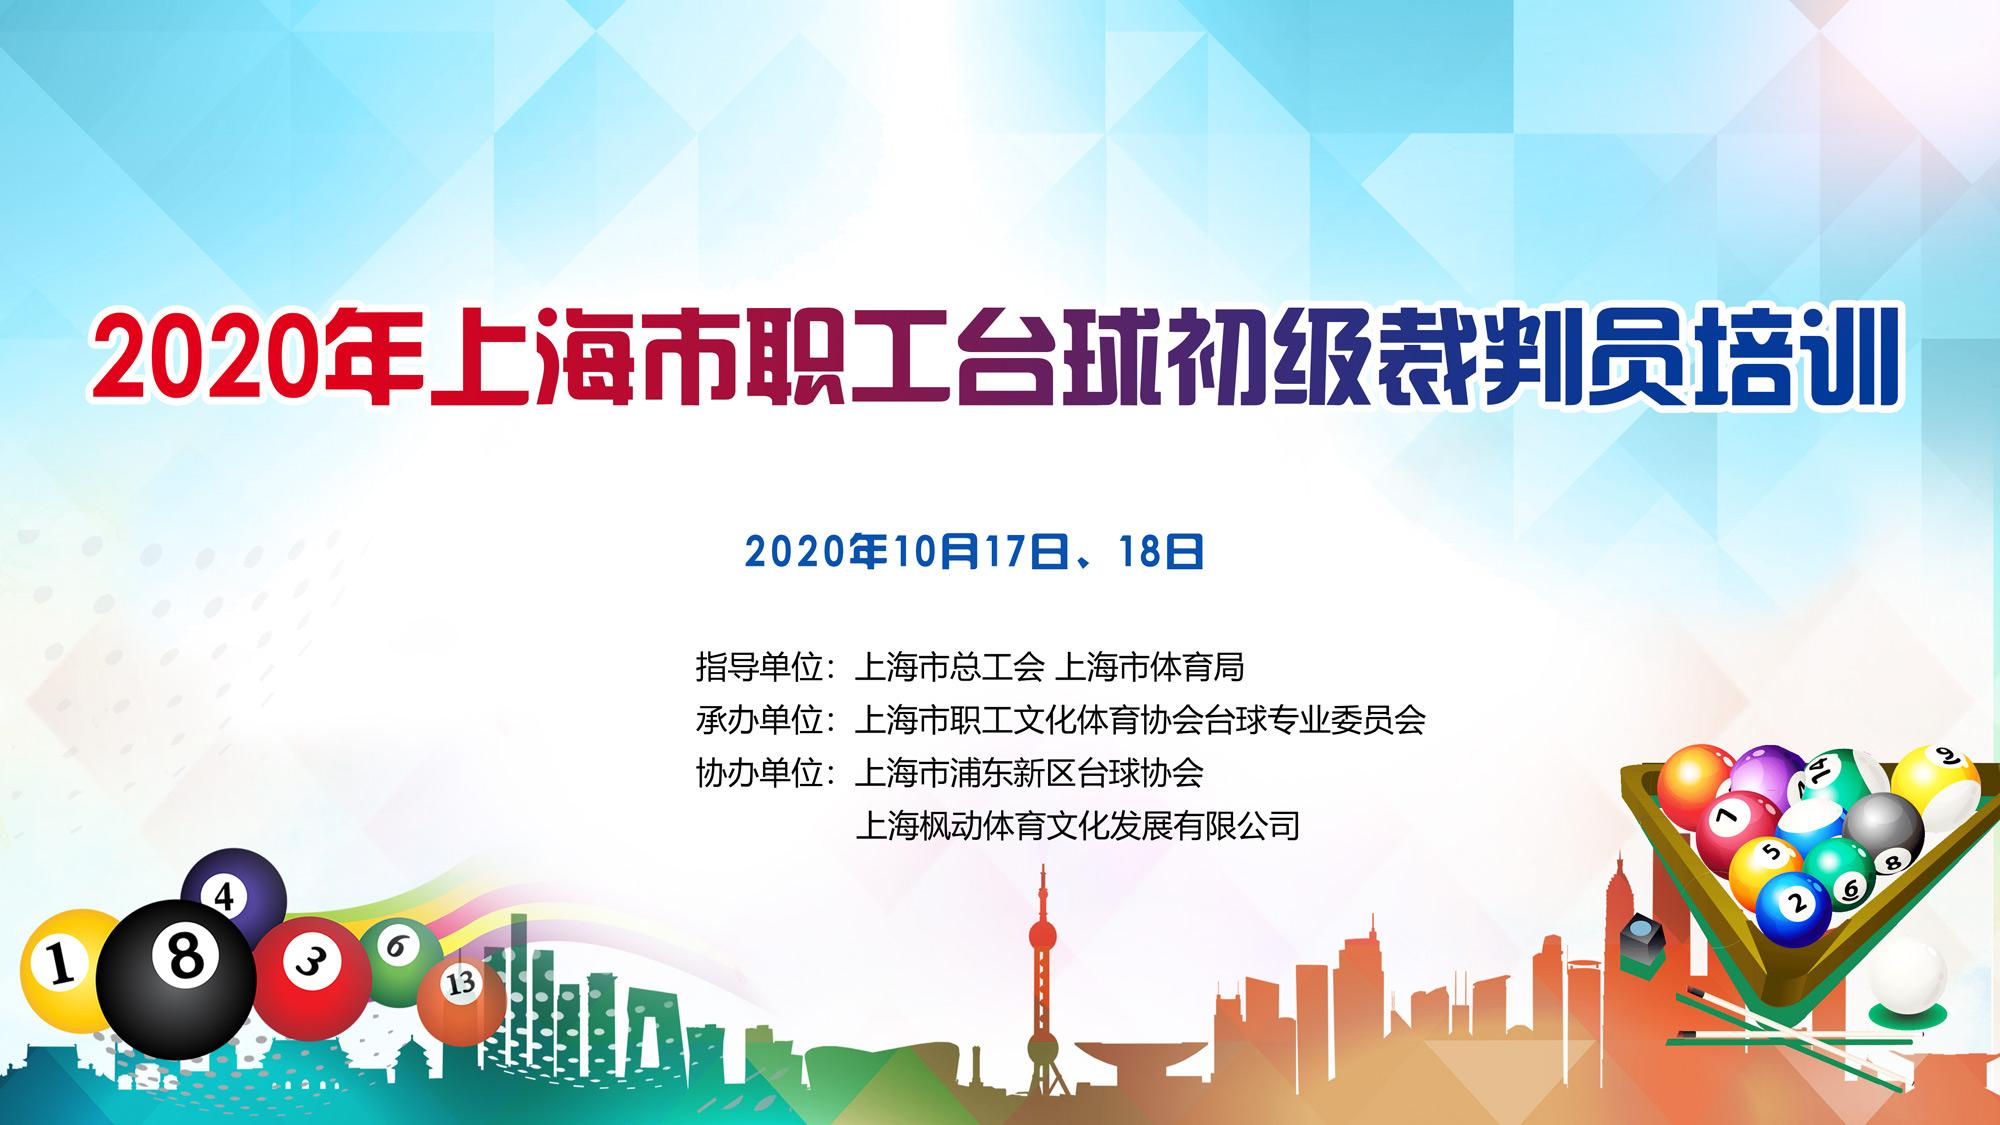 2020年上海职工台球初级裁判员培训